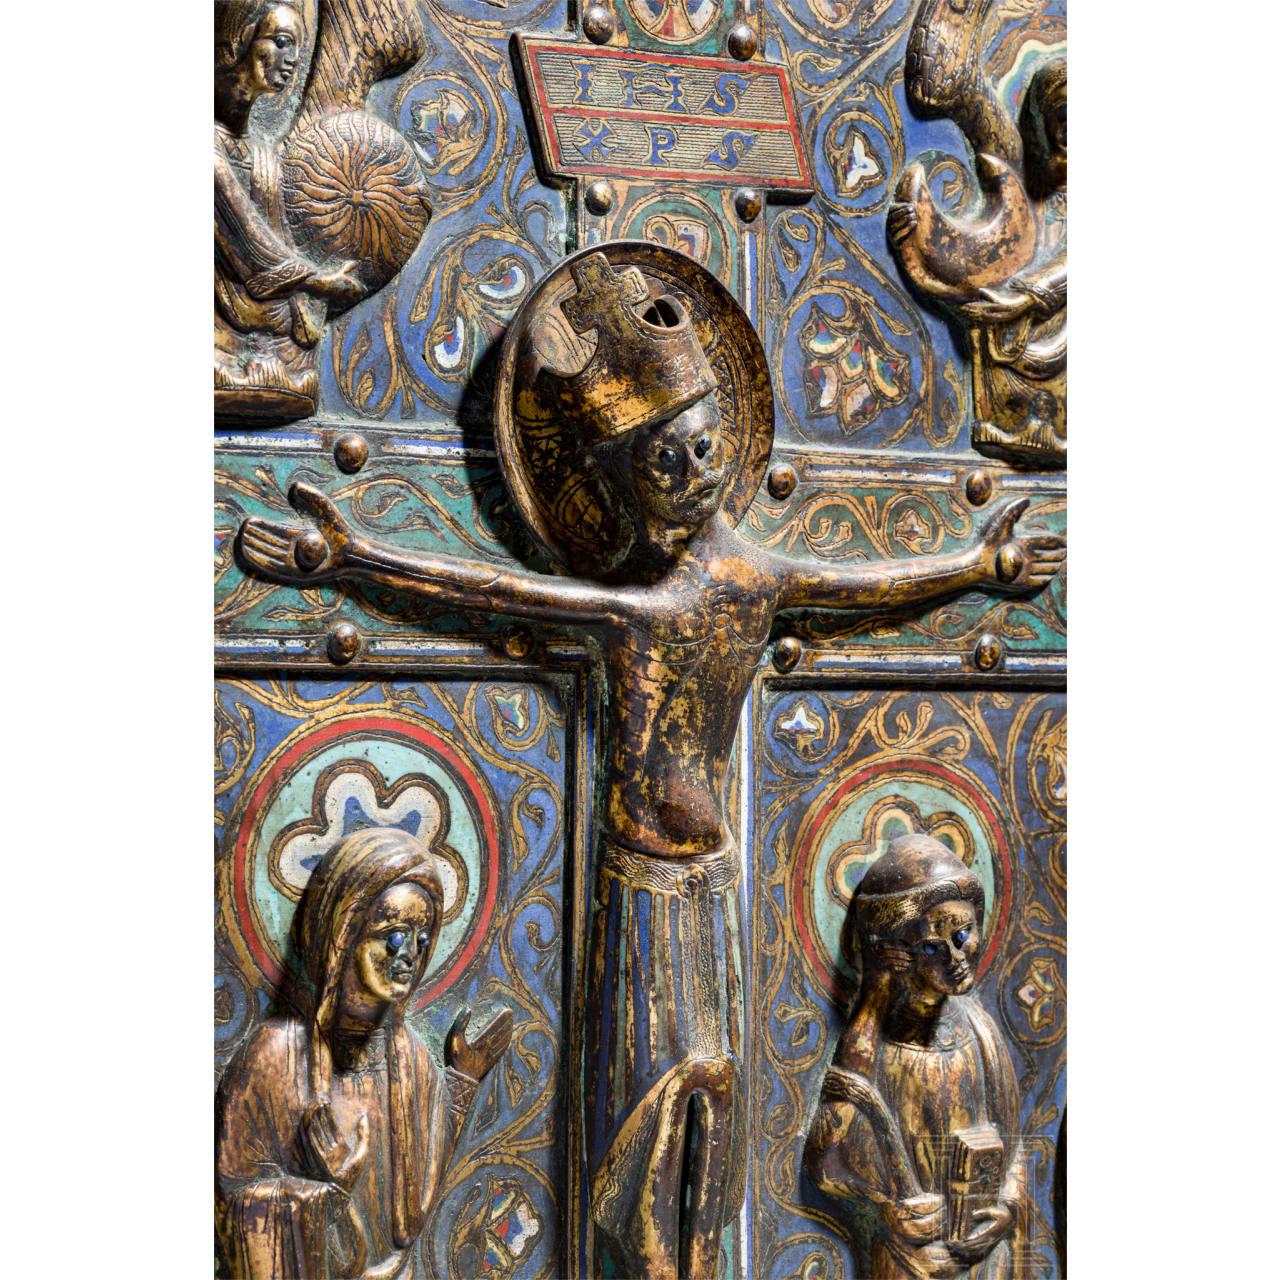 Große Champlevé-Bildplatte im Stil des 12./13. Jhdts., Limoges, Mitte 19. Jhdt.